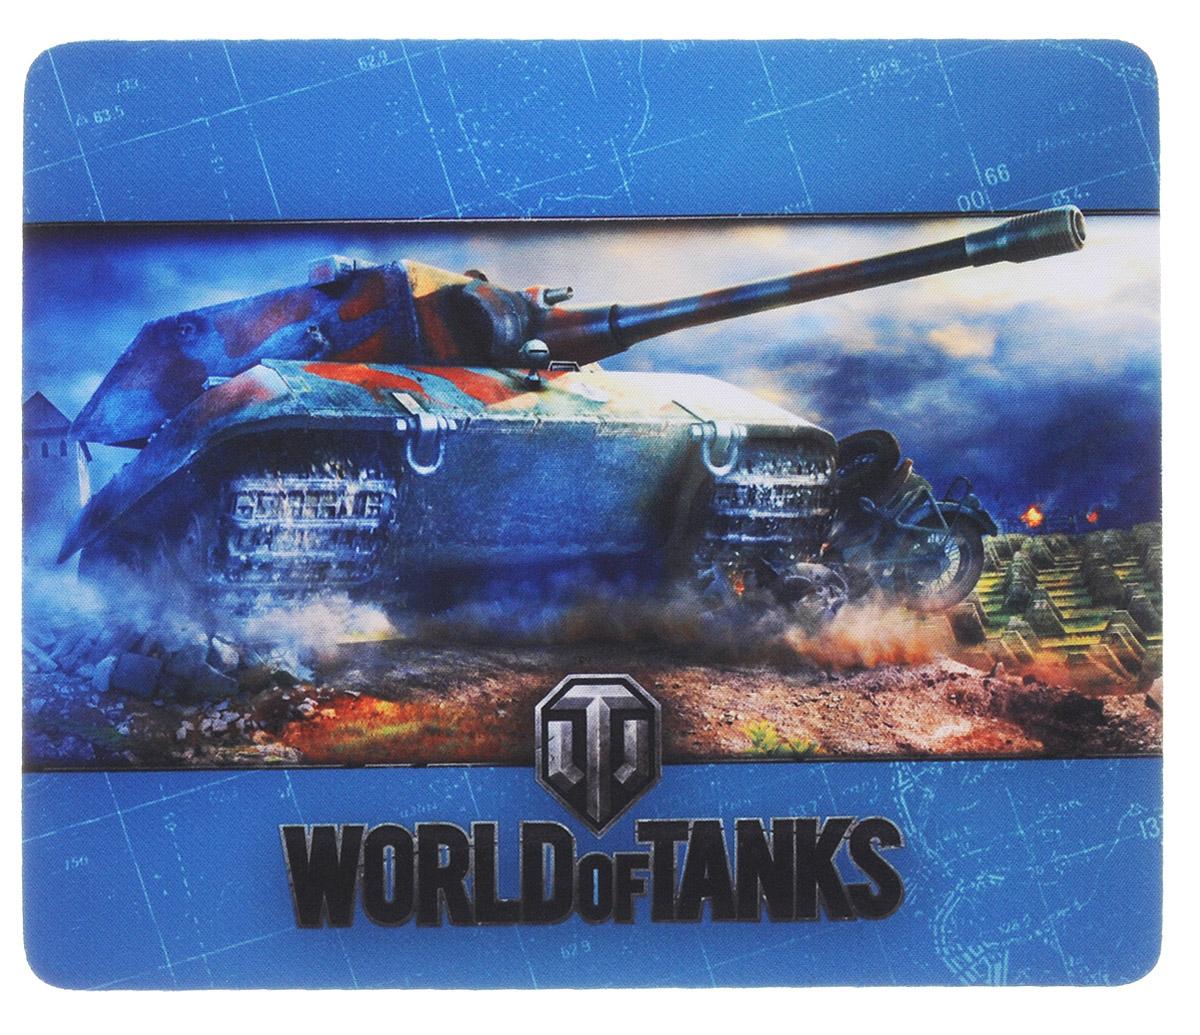 World of Tanks E-100 коврик для мыши1326Коврик для мыши World of Tanks E-100 с изображением любимого танка станет прекрасным и функциональным украшением вашего стола. Минимальная толщина и прорезиненное основание буквально приклеит коврик к столу.